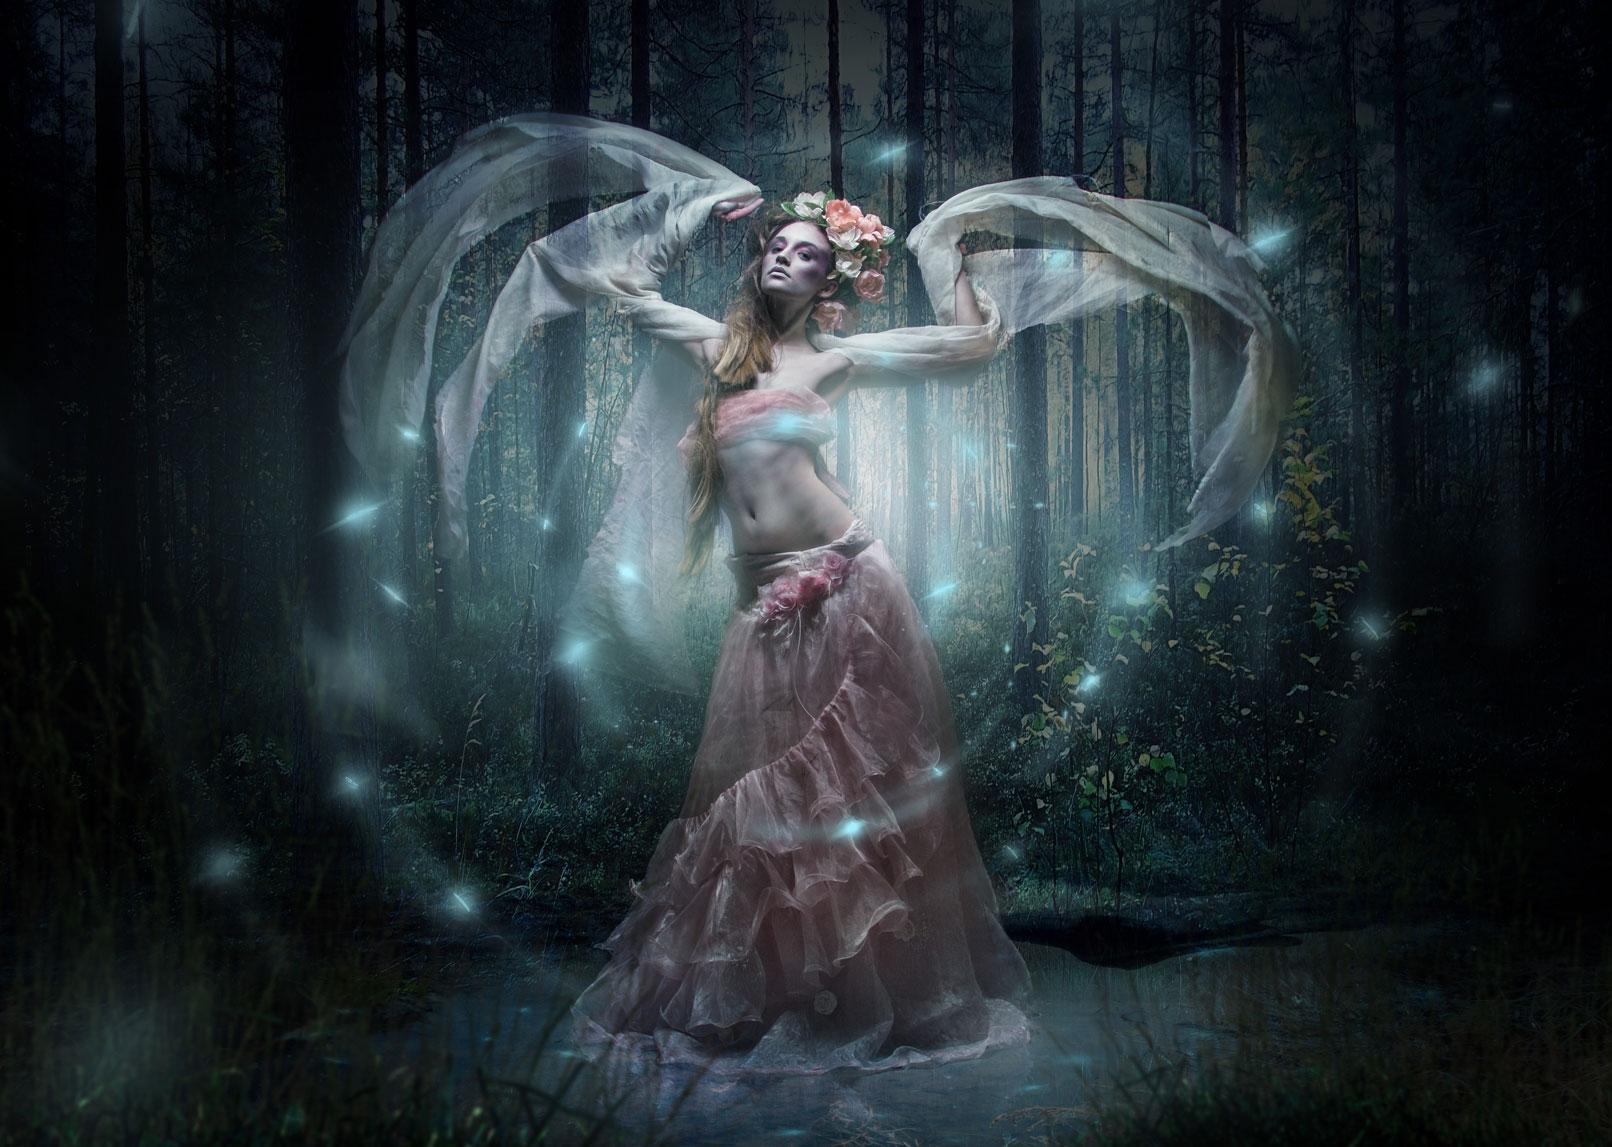 Frau in einem Wald, märchenhafte Szene, Beispiel für das Training Bildcomposing